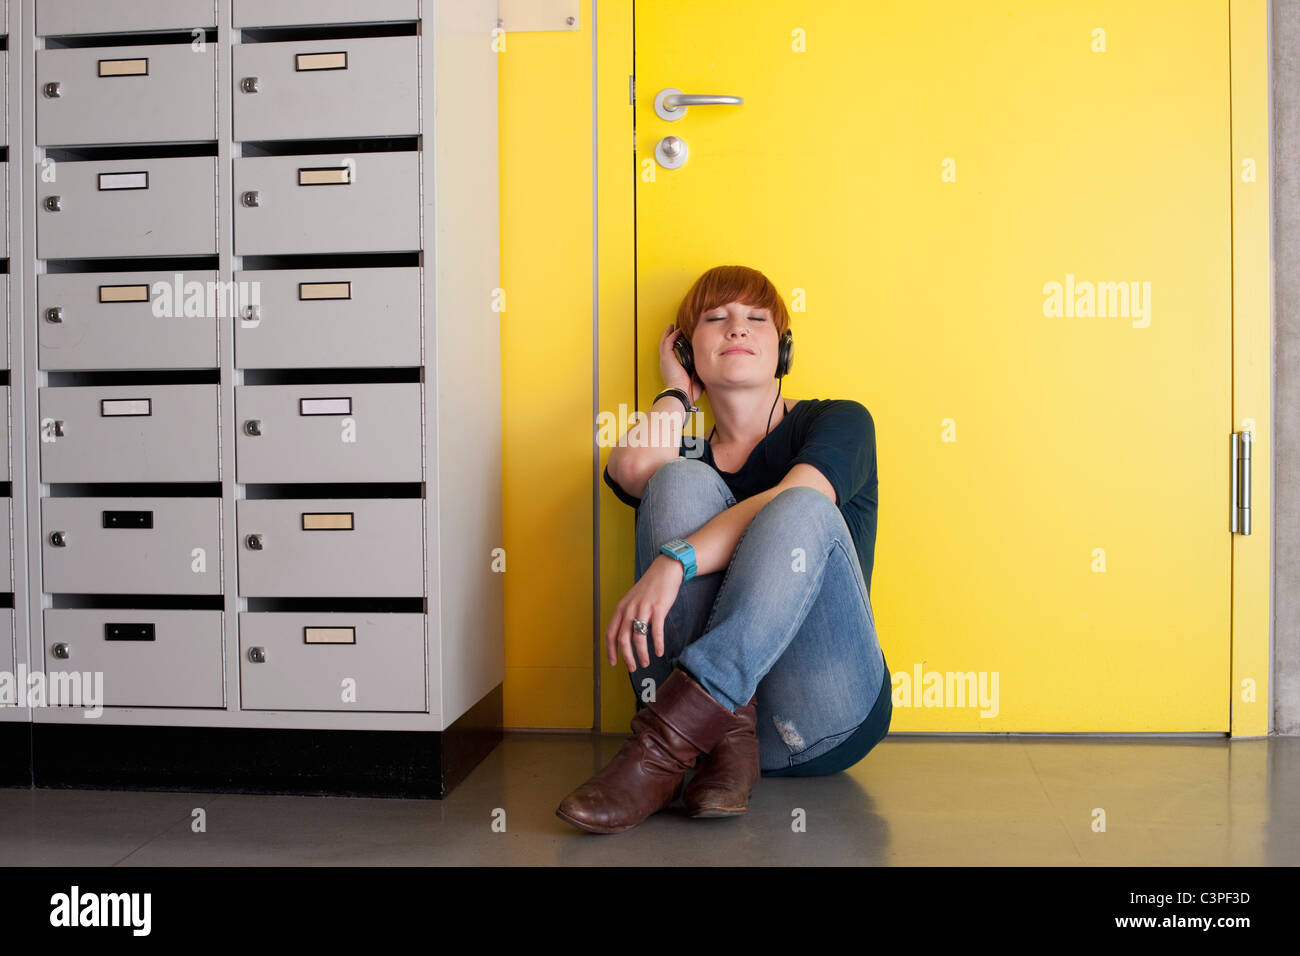 Deutschland, Leipzig, junge Frau sitzen und hören Sie Musik in Umkleidekabine Stockbild